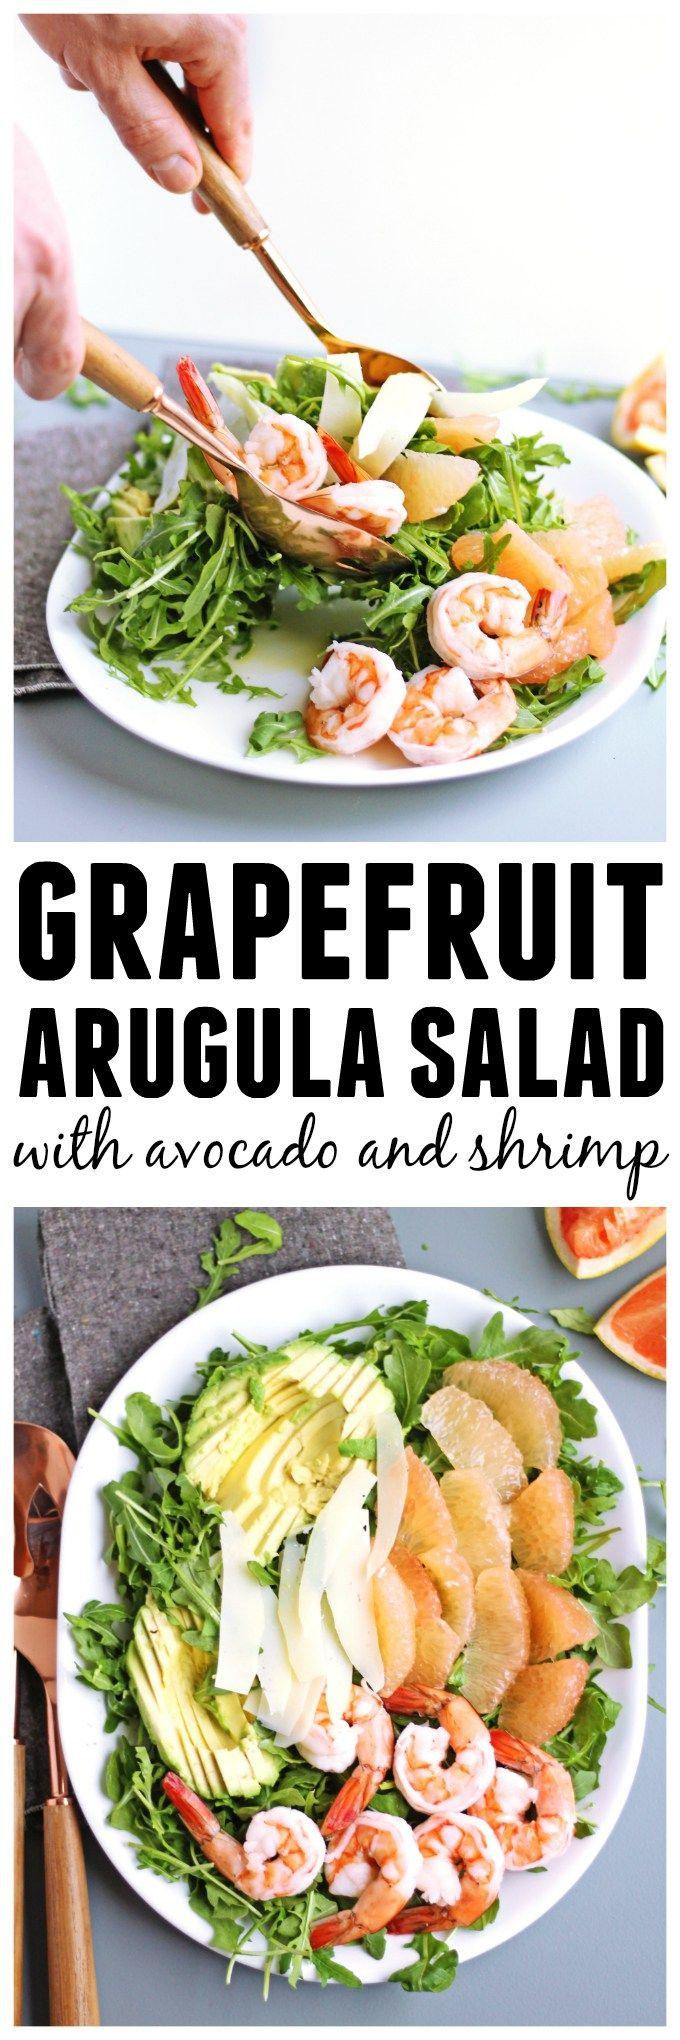 Grapefruit arugula salad with avocado and shrimp! Quick and easy ...